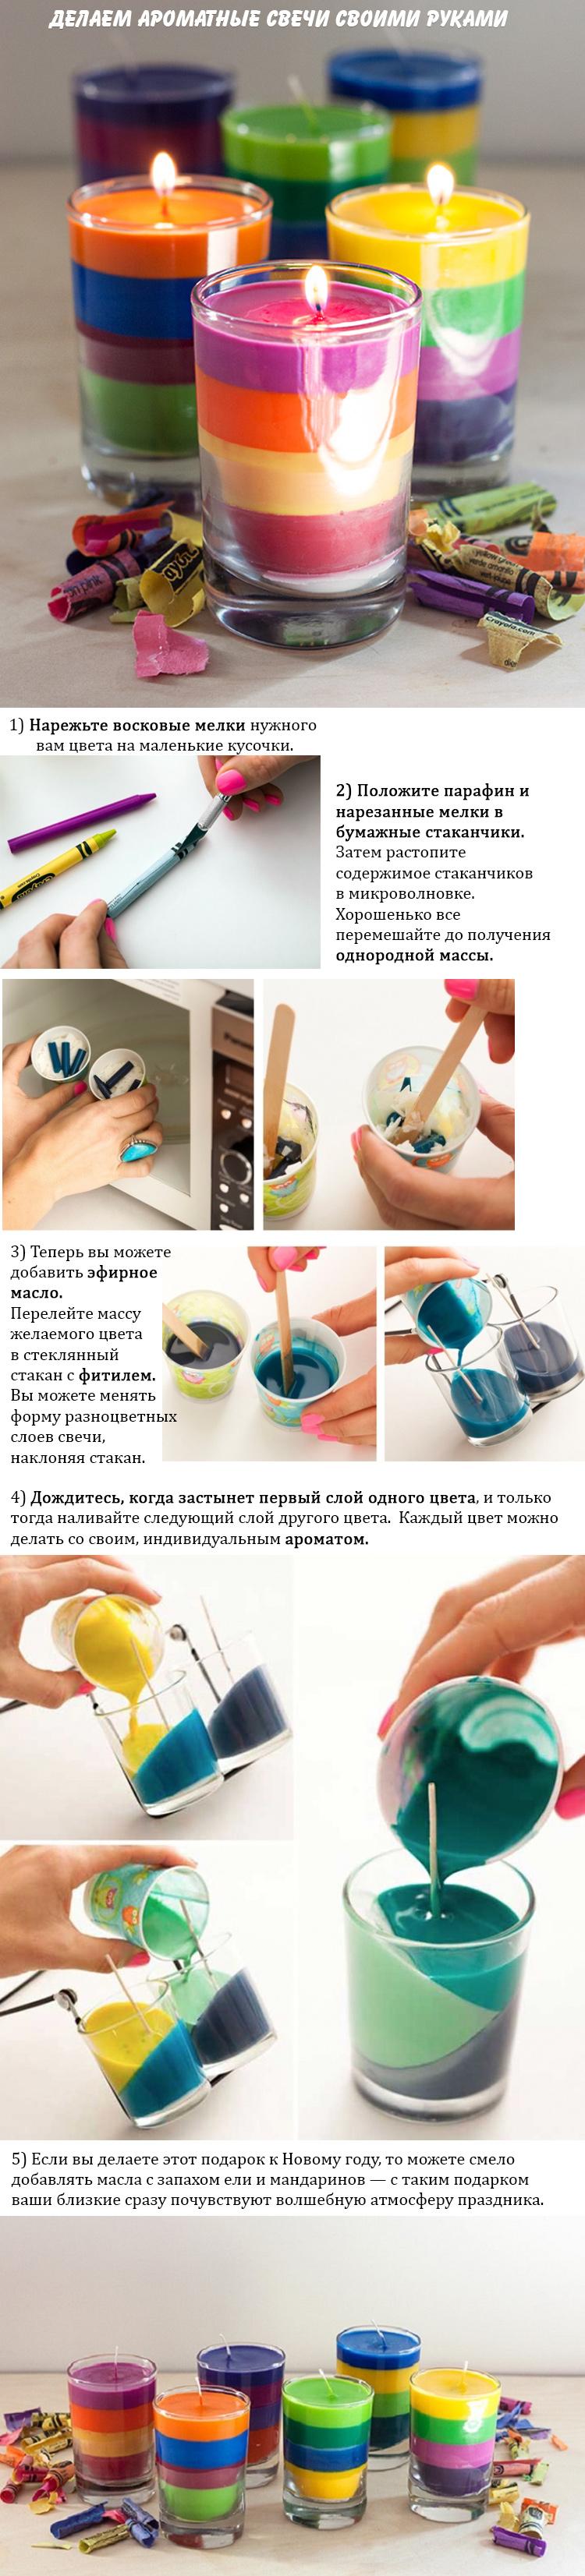 luchshie-ukrasheniya-na-novyy-2016-god-samye-zhelannye-podarki2019-02-11